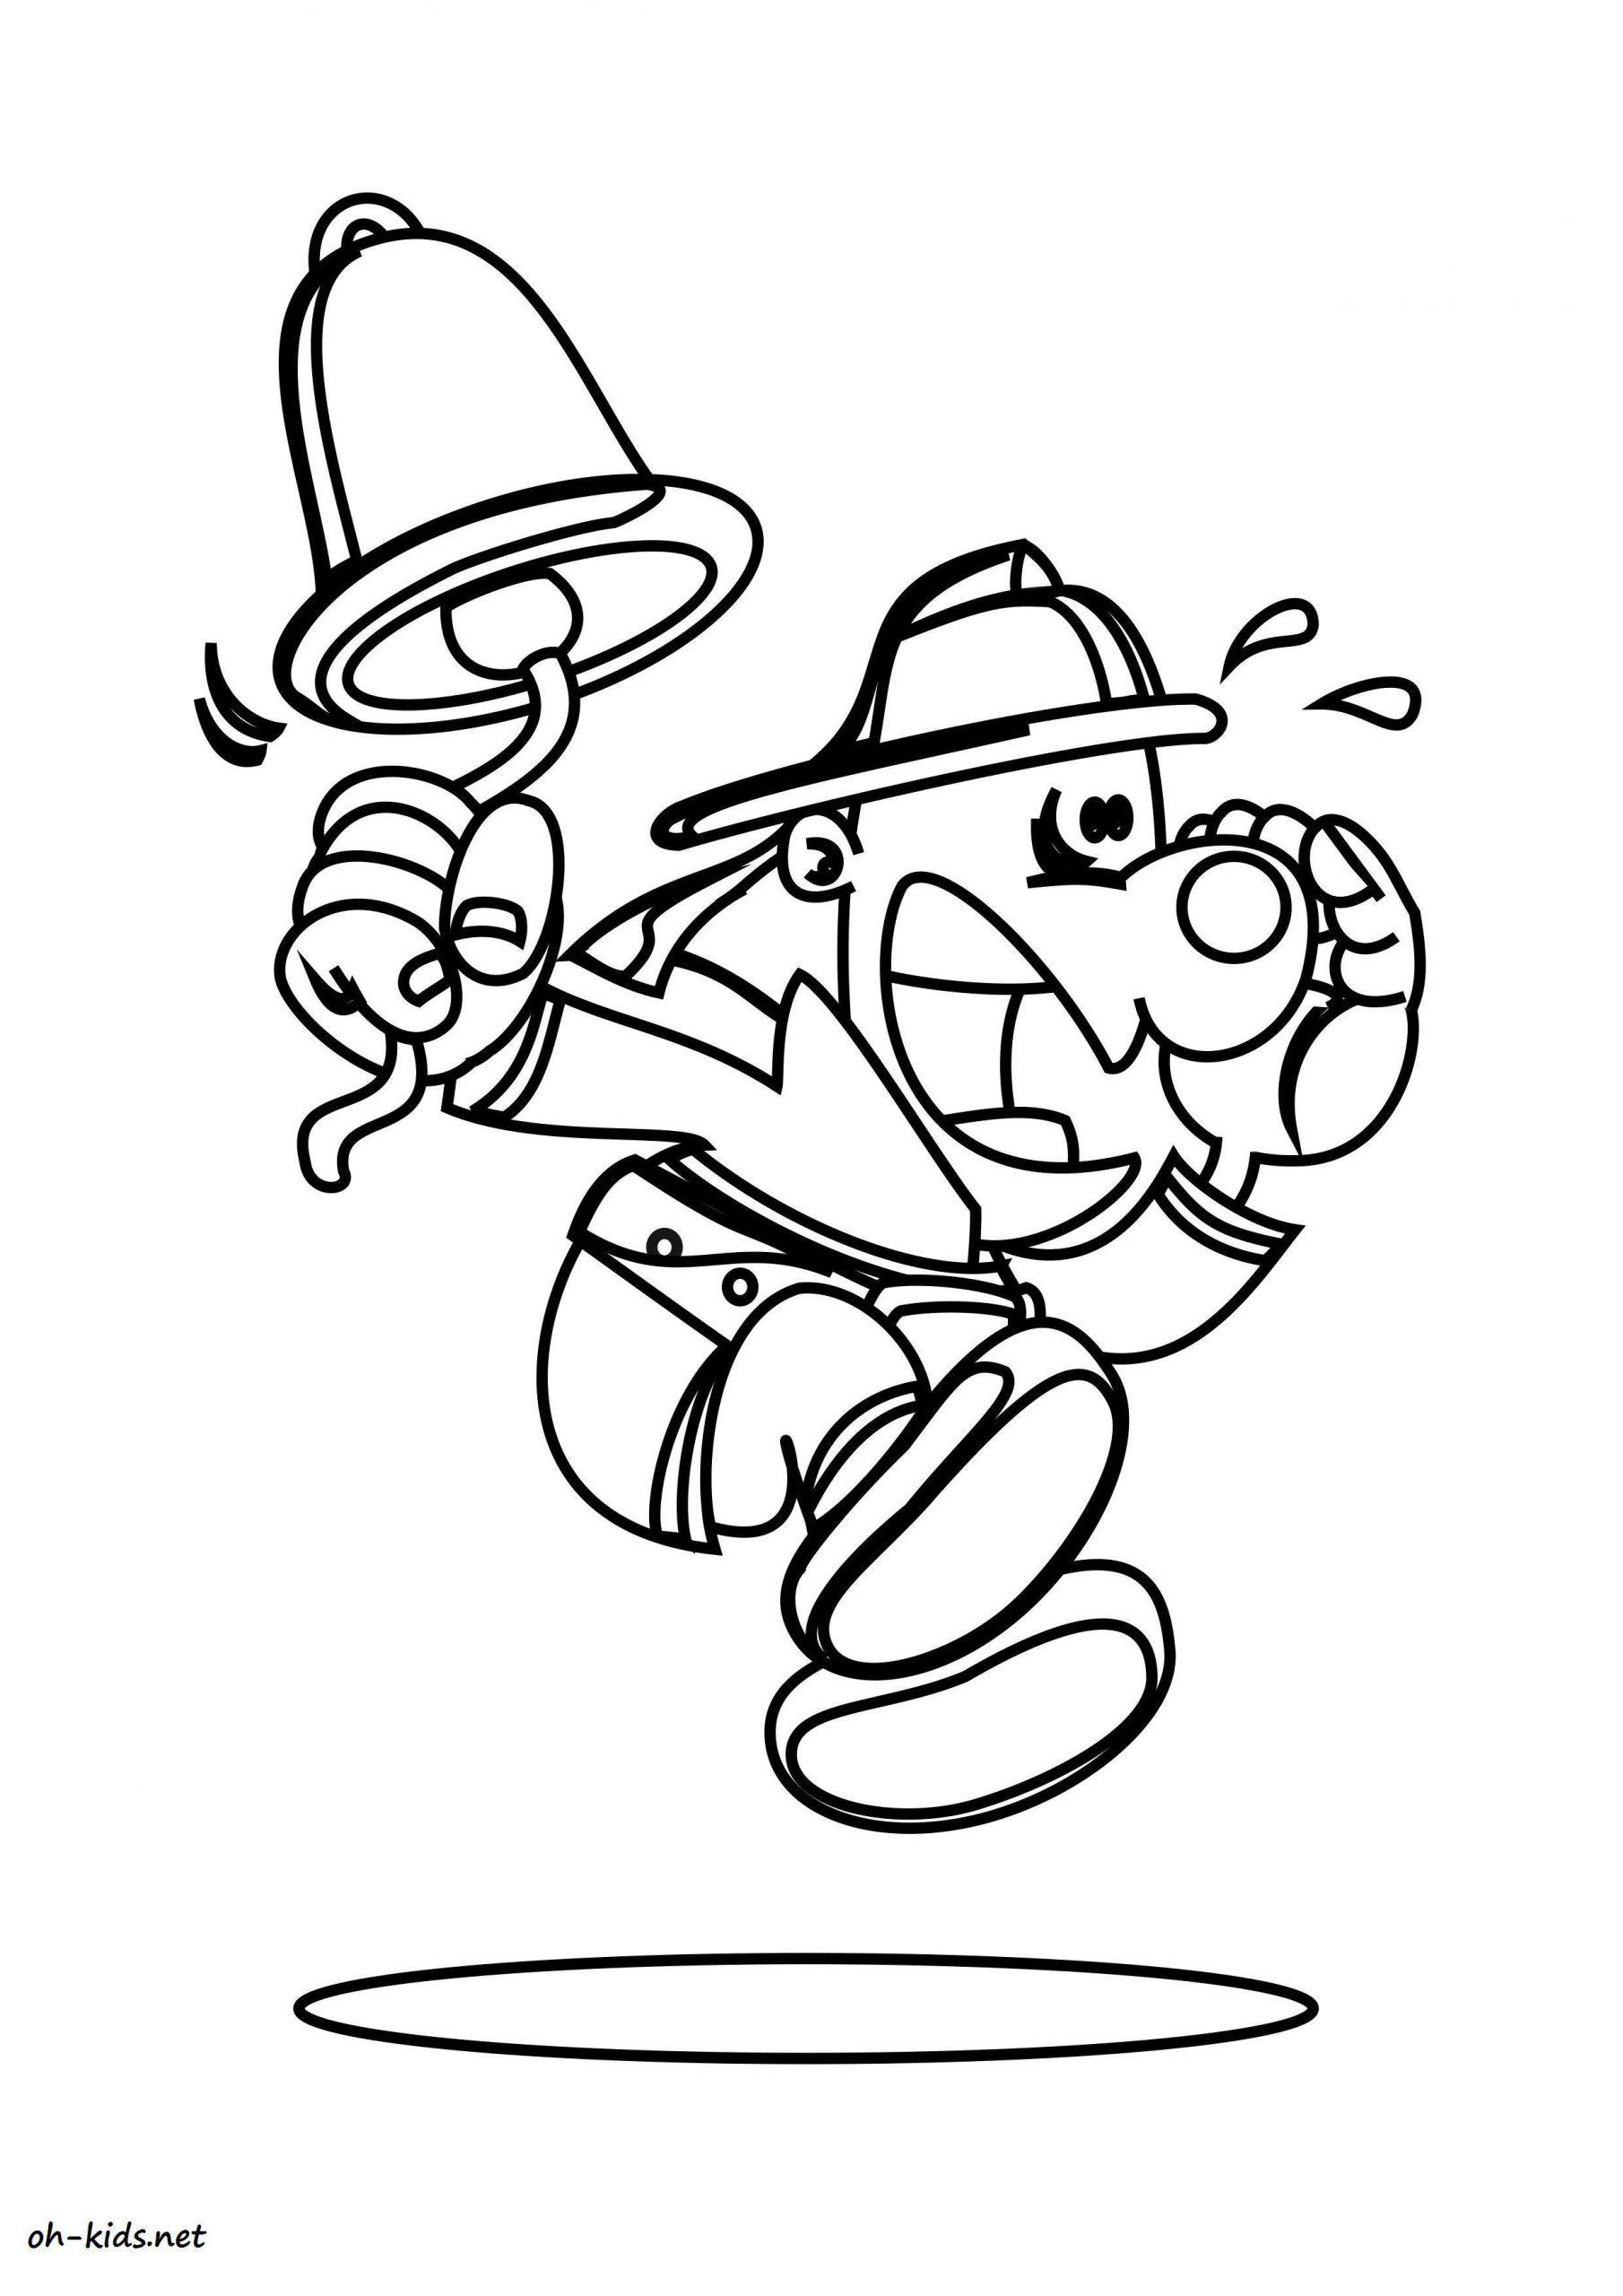 Dessin #1550 - Coloriage Pompier À Imprimer - Oh-Kids serapportantà Dessin De Pompier À Imprimer